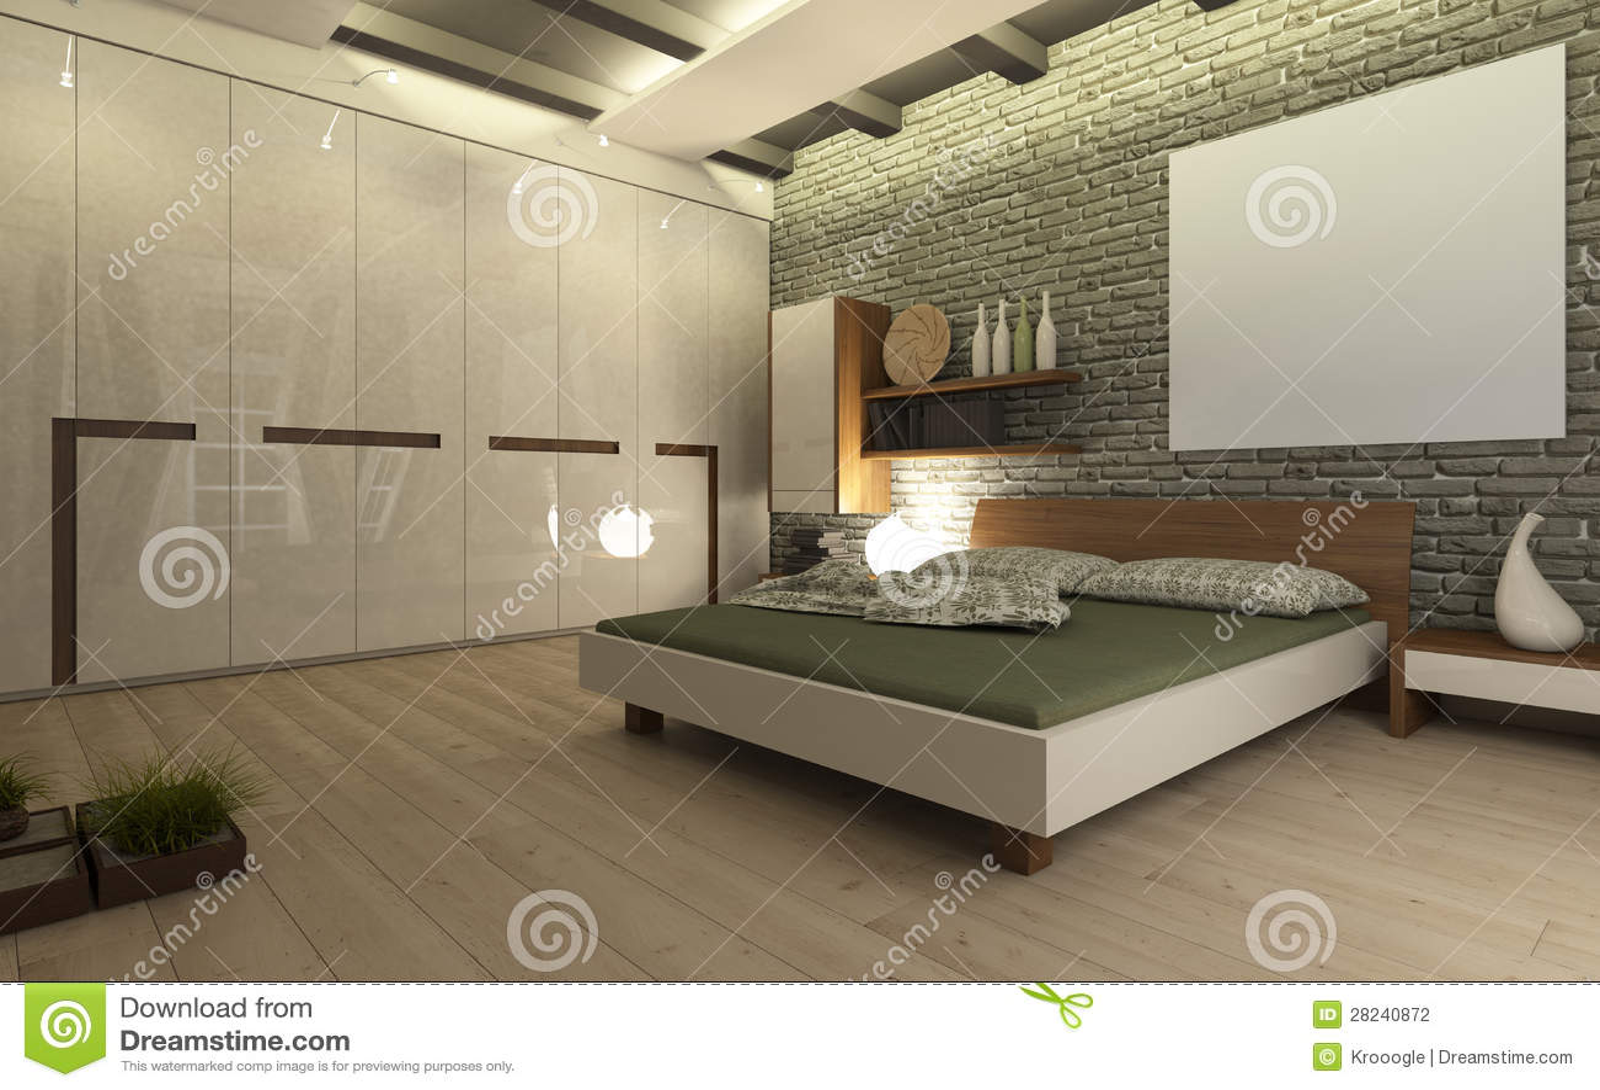 Slaapkamer idee lampen - Grijze slaapkamer ...